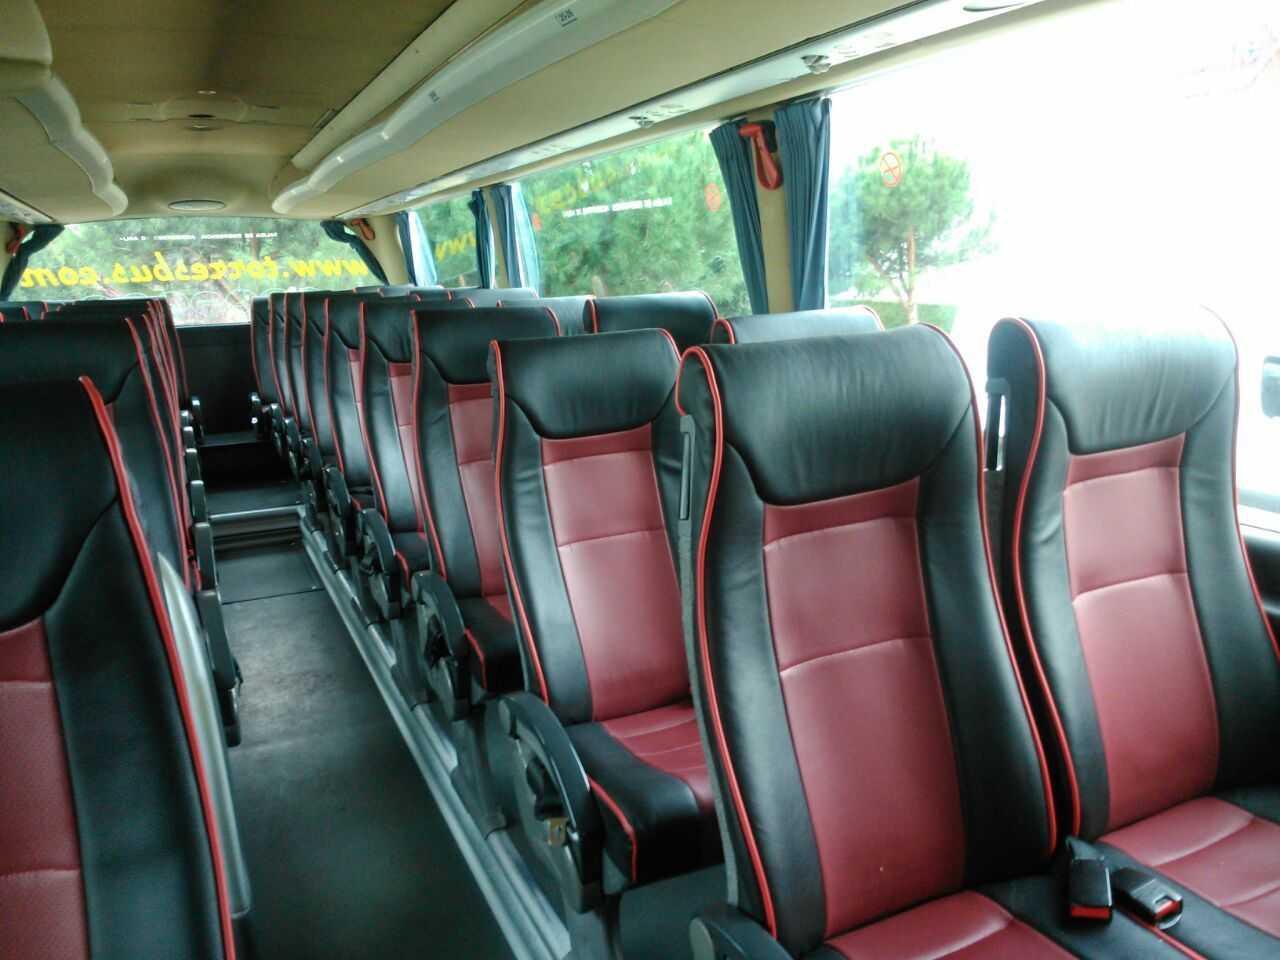 Alquilar autocar, la solución más práctica de transporte